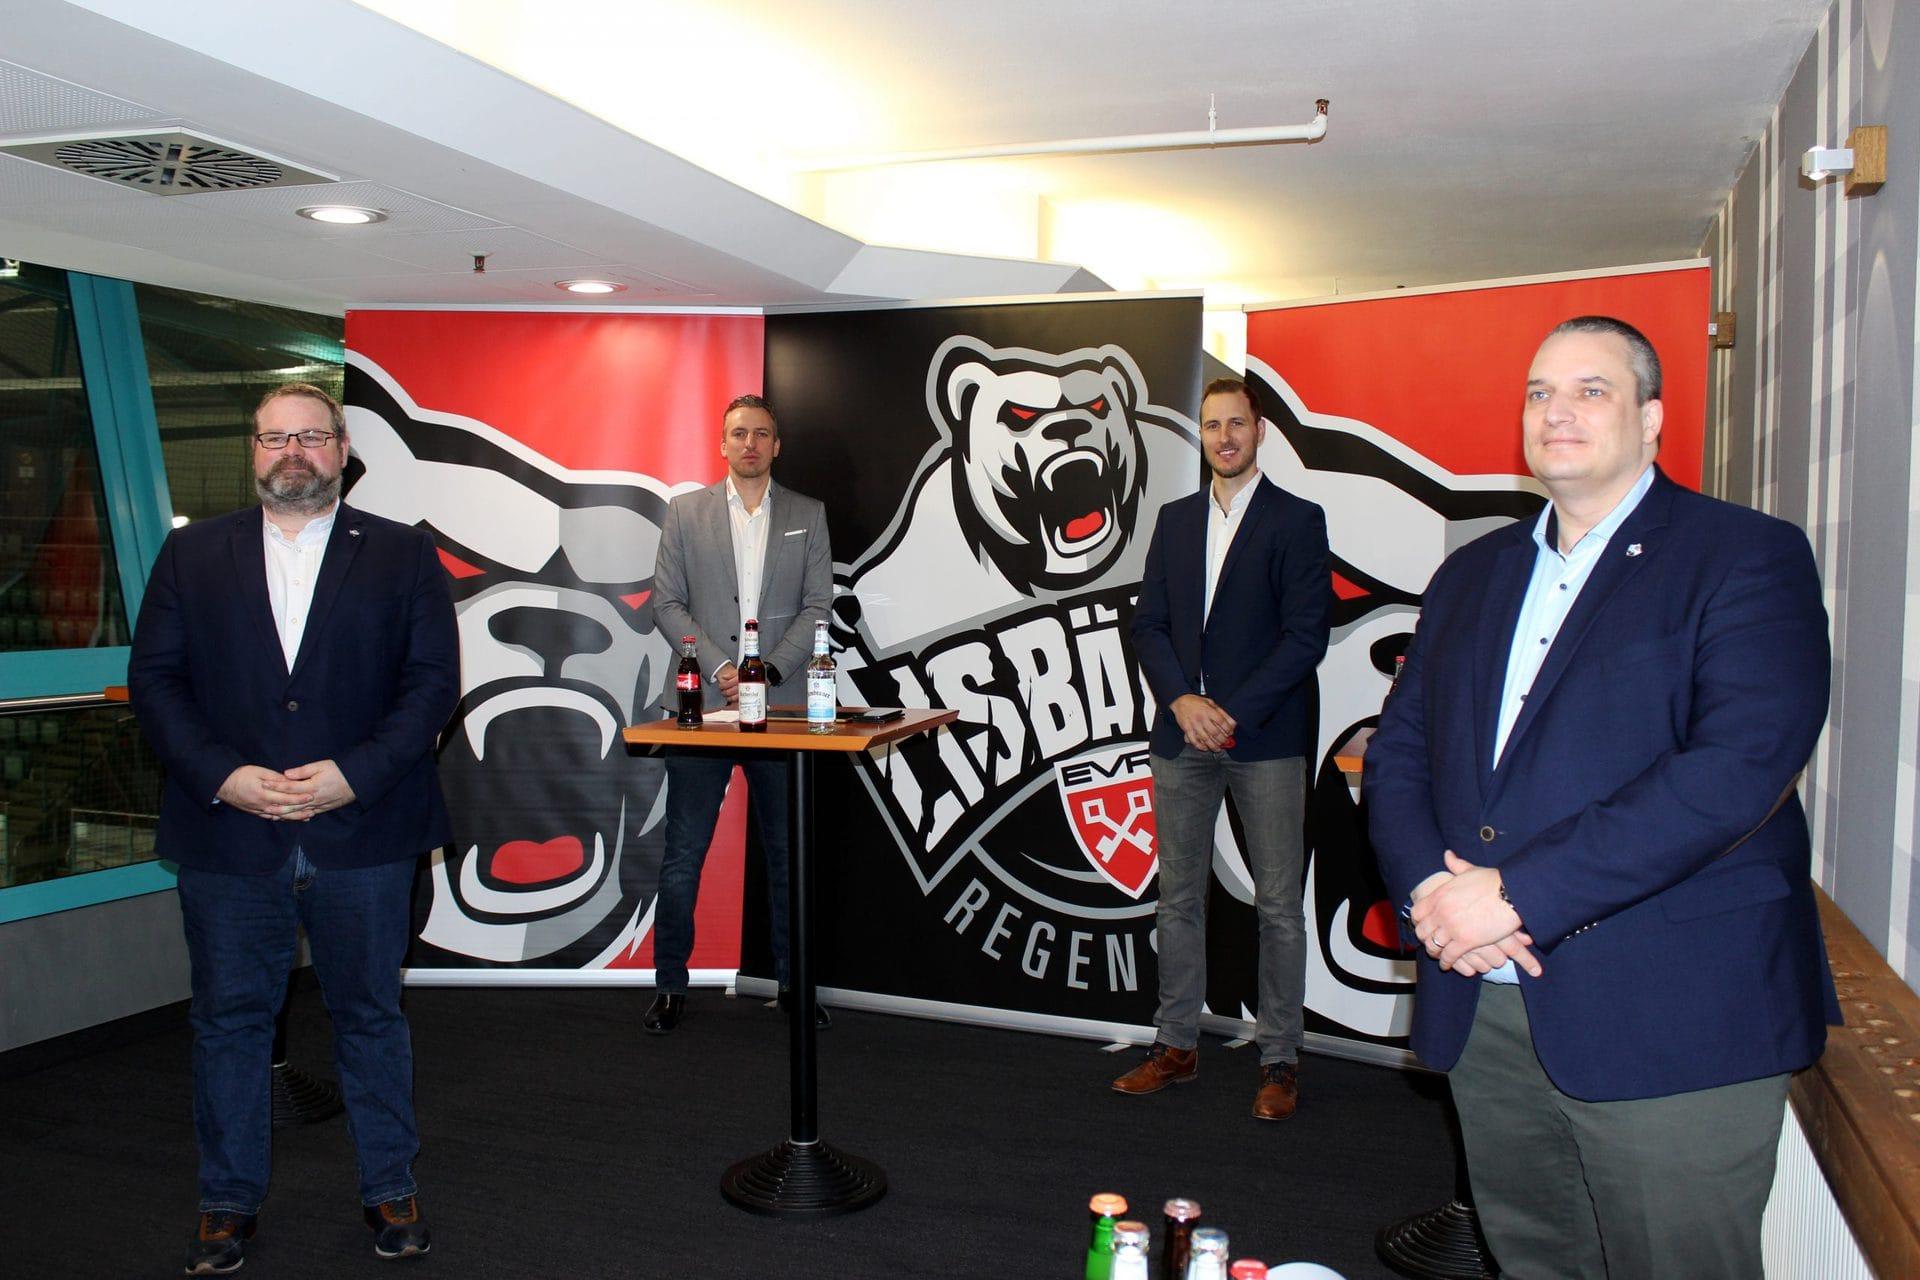 Vor dem Saisonstart in der Oberliga Süd verkünden die Eisbären Regensburg positive Nachrichten Rewag und Stadtwerk.Regensburg verlängern Partnerschaft mit dem Regensburger Eishockeyverein und bleiben Gold Partner